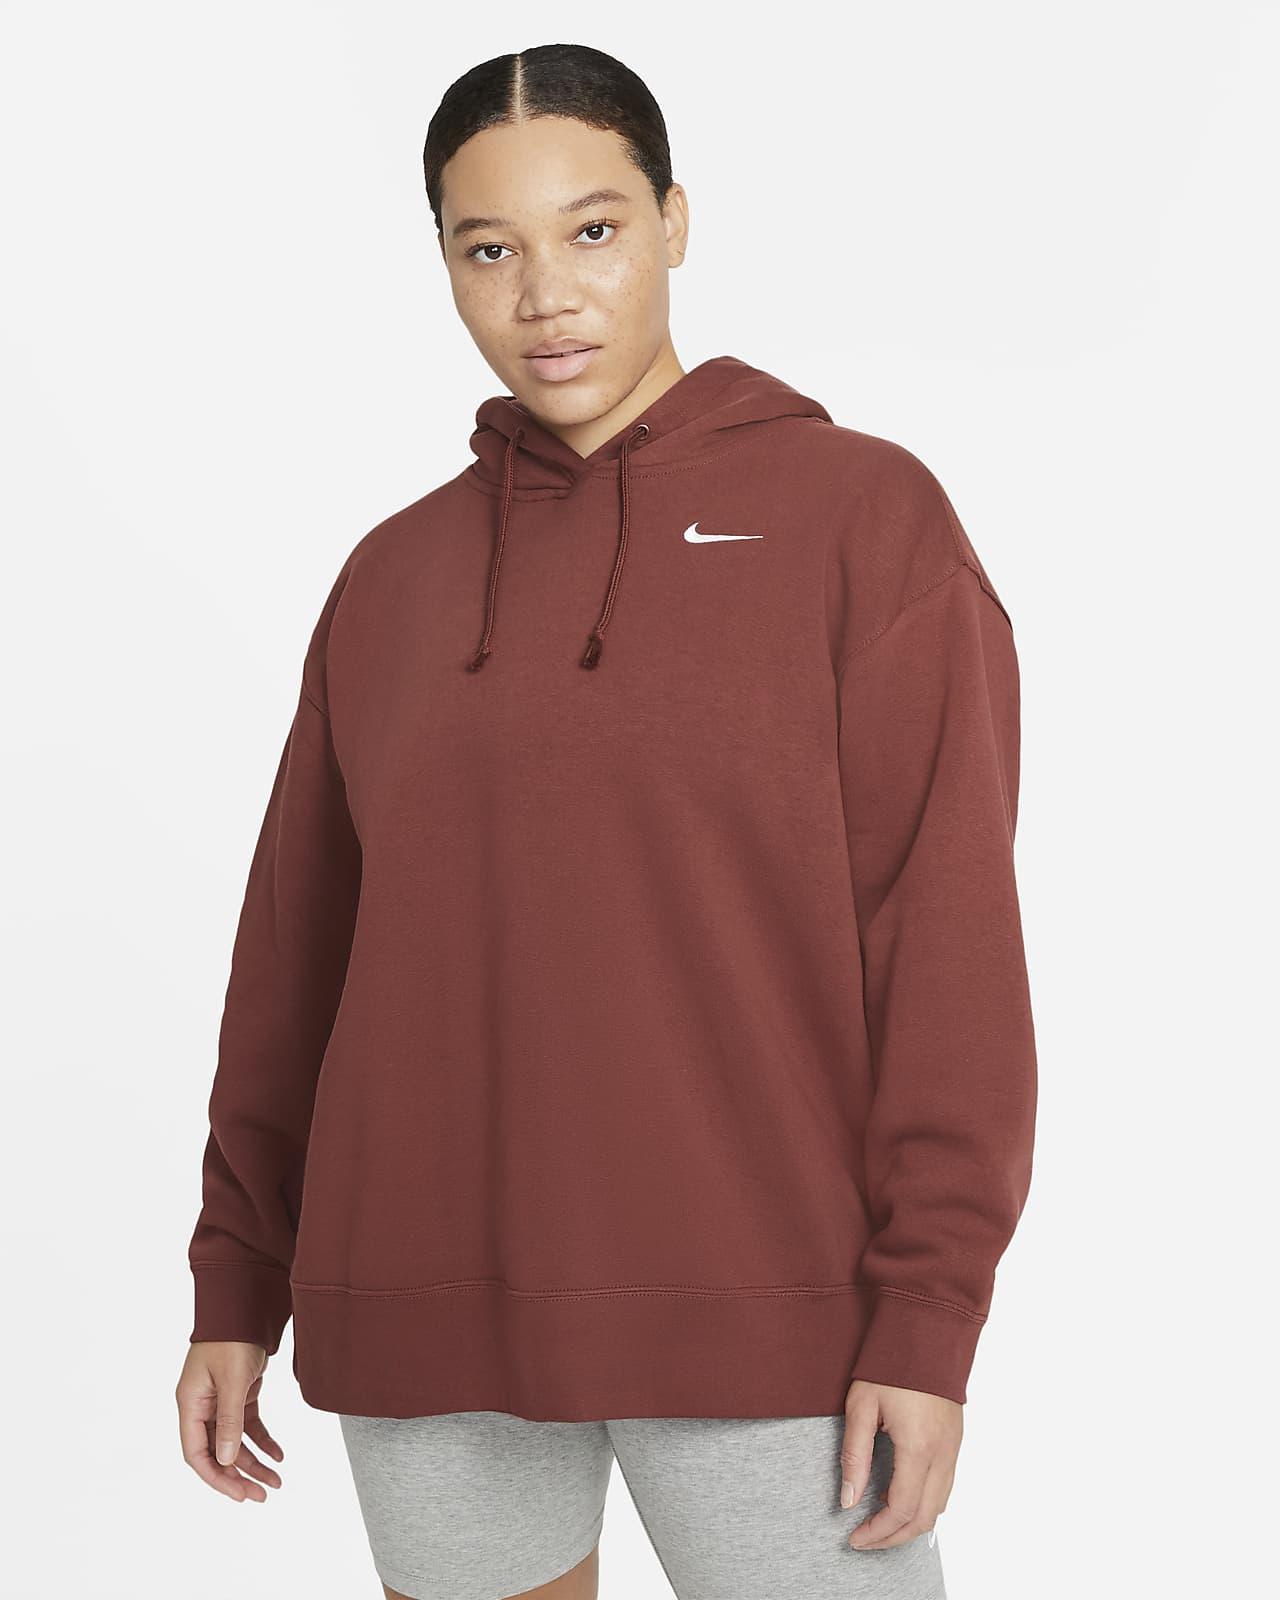 Sudadera sin cierre de tejido Fleece para mujer Nike Sportswear (talla grande)